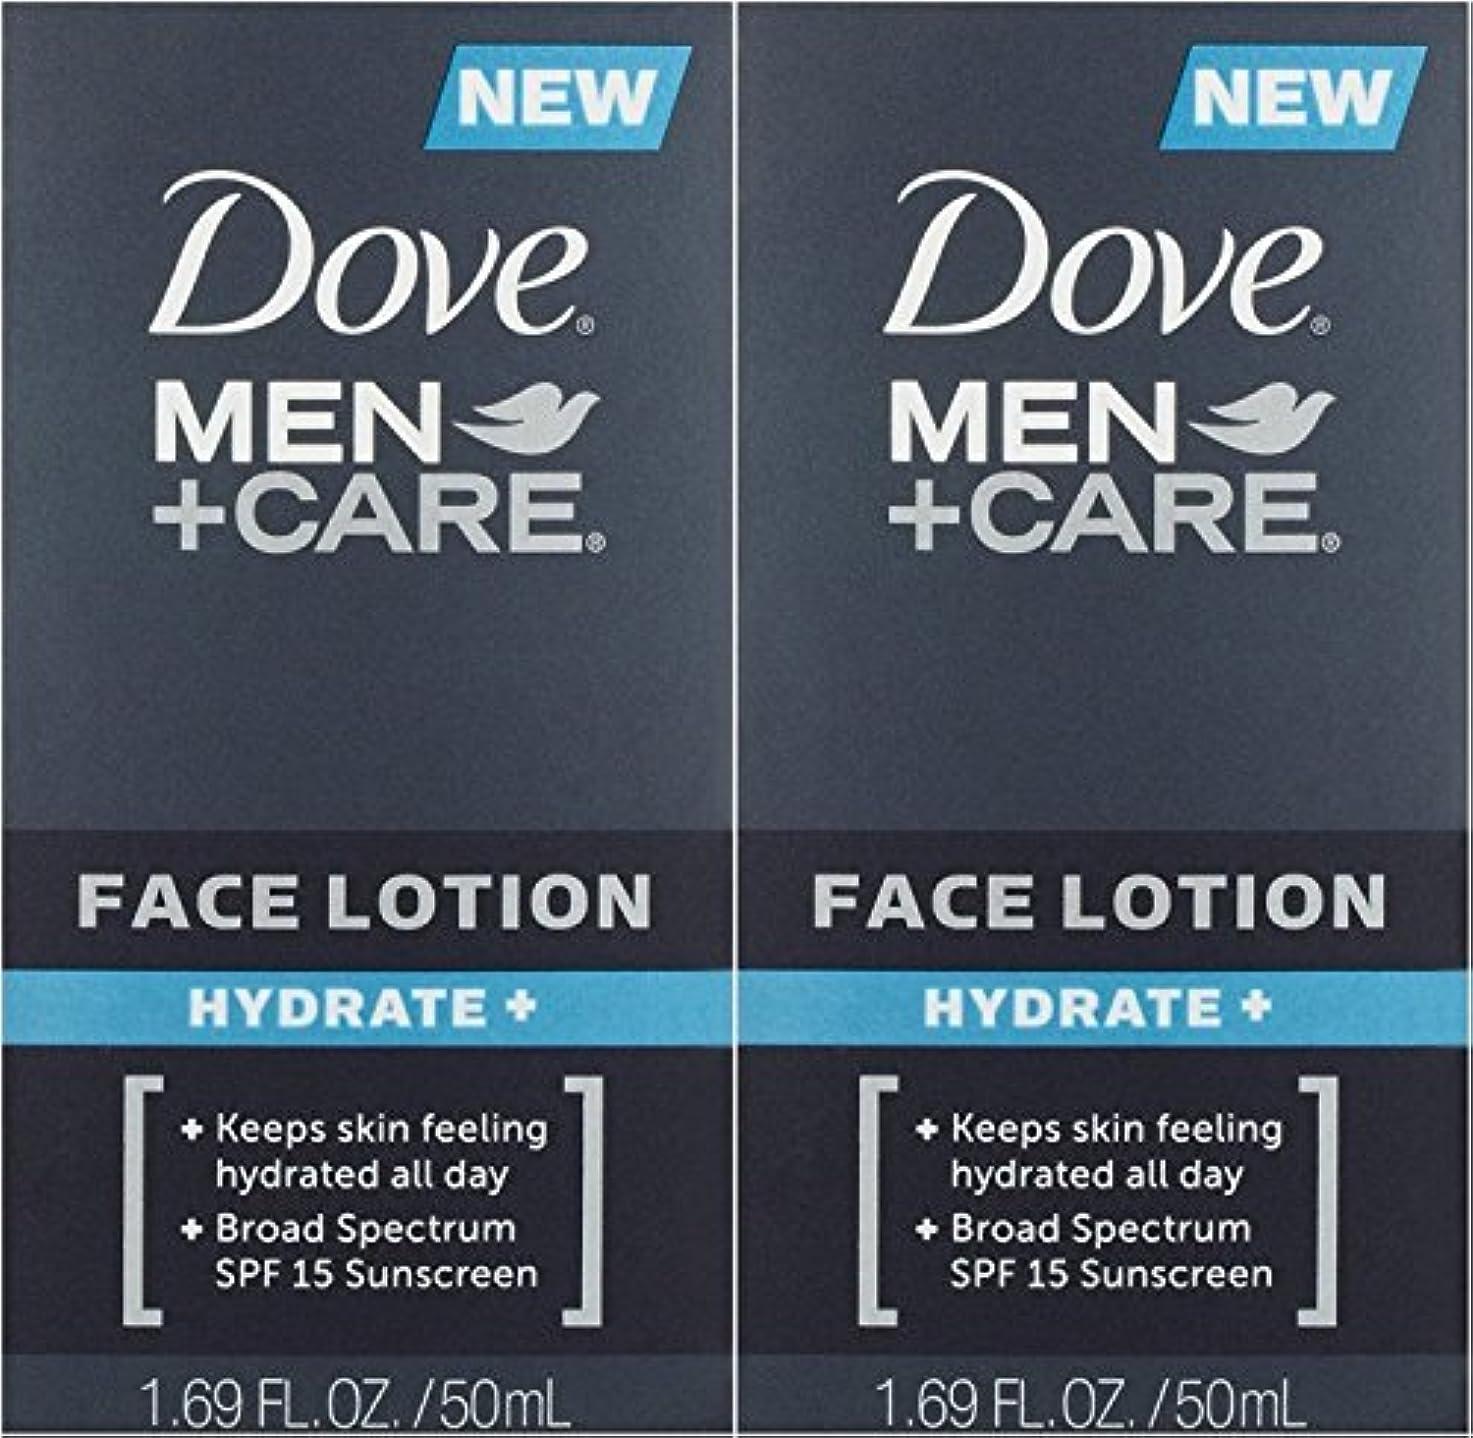 曖昧な繊毛新年【アメリカ発送】 Dove Men+Care Face Lotion, Hydrate+ 1.69 oz ダブ 男性用 フェイスローション 潤い SPF 15 50ml